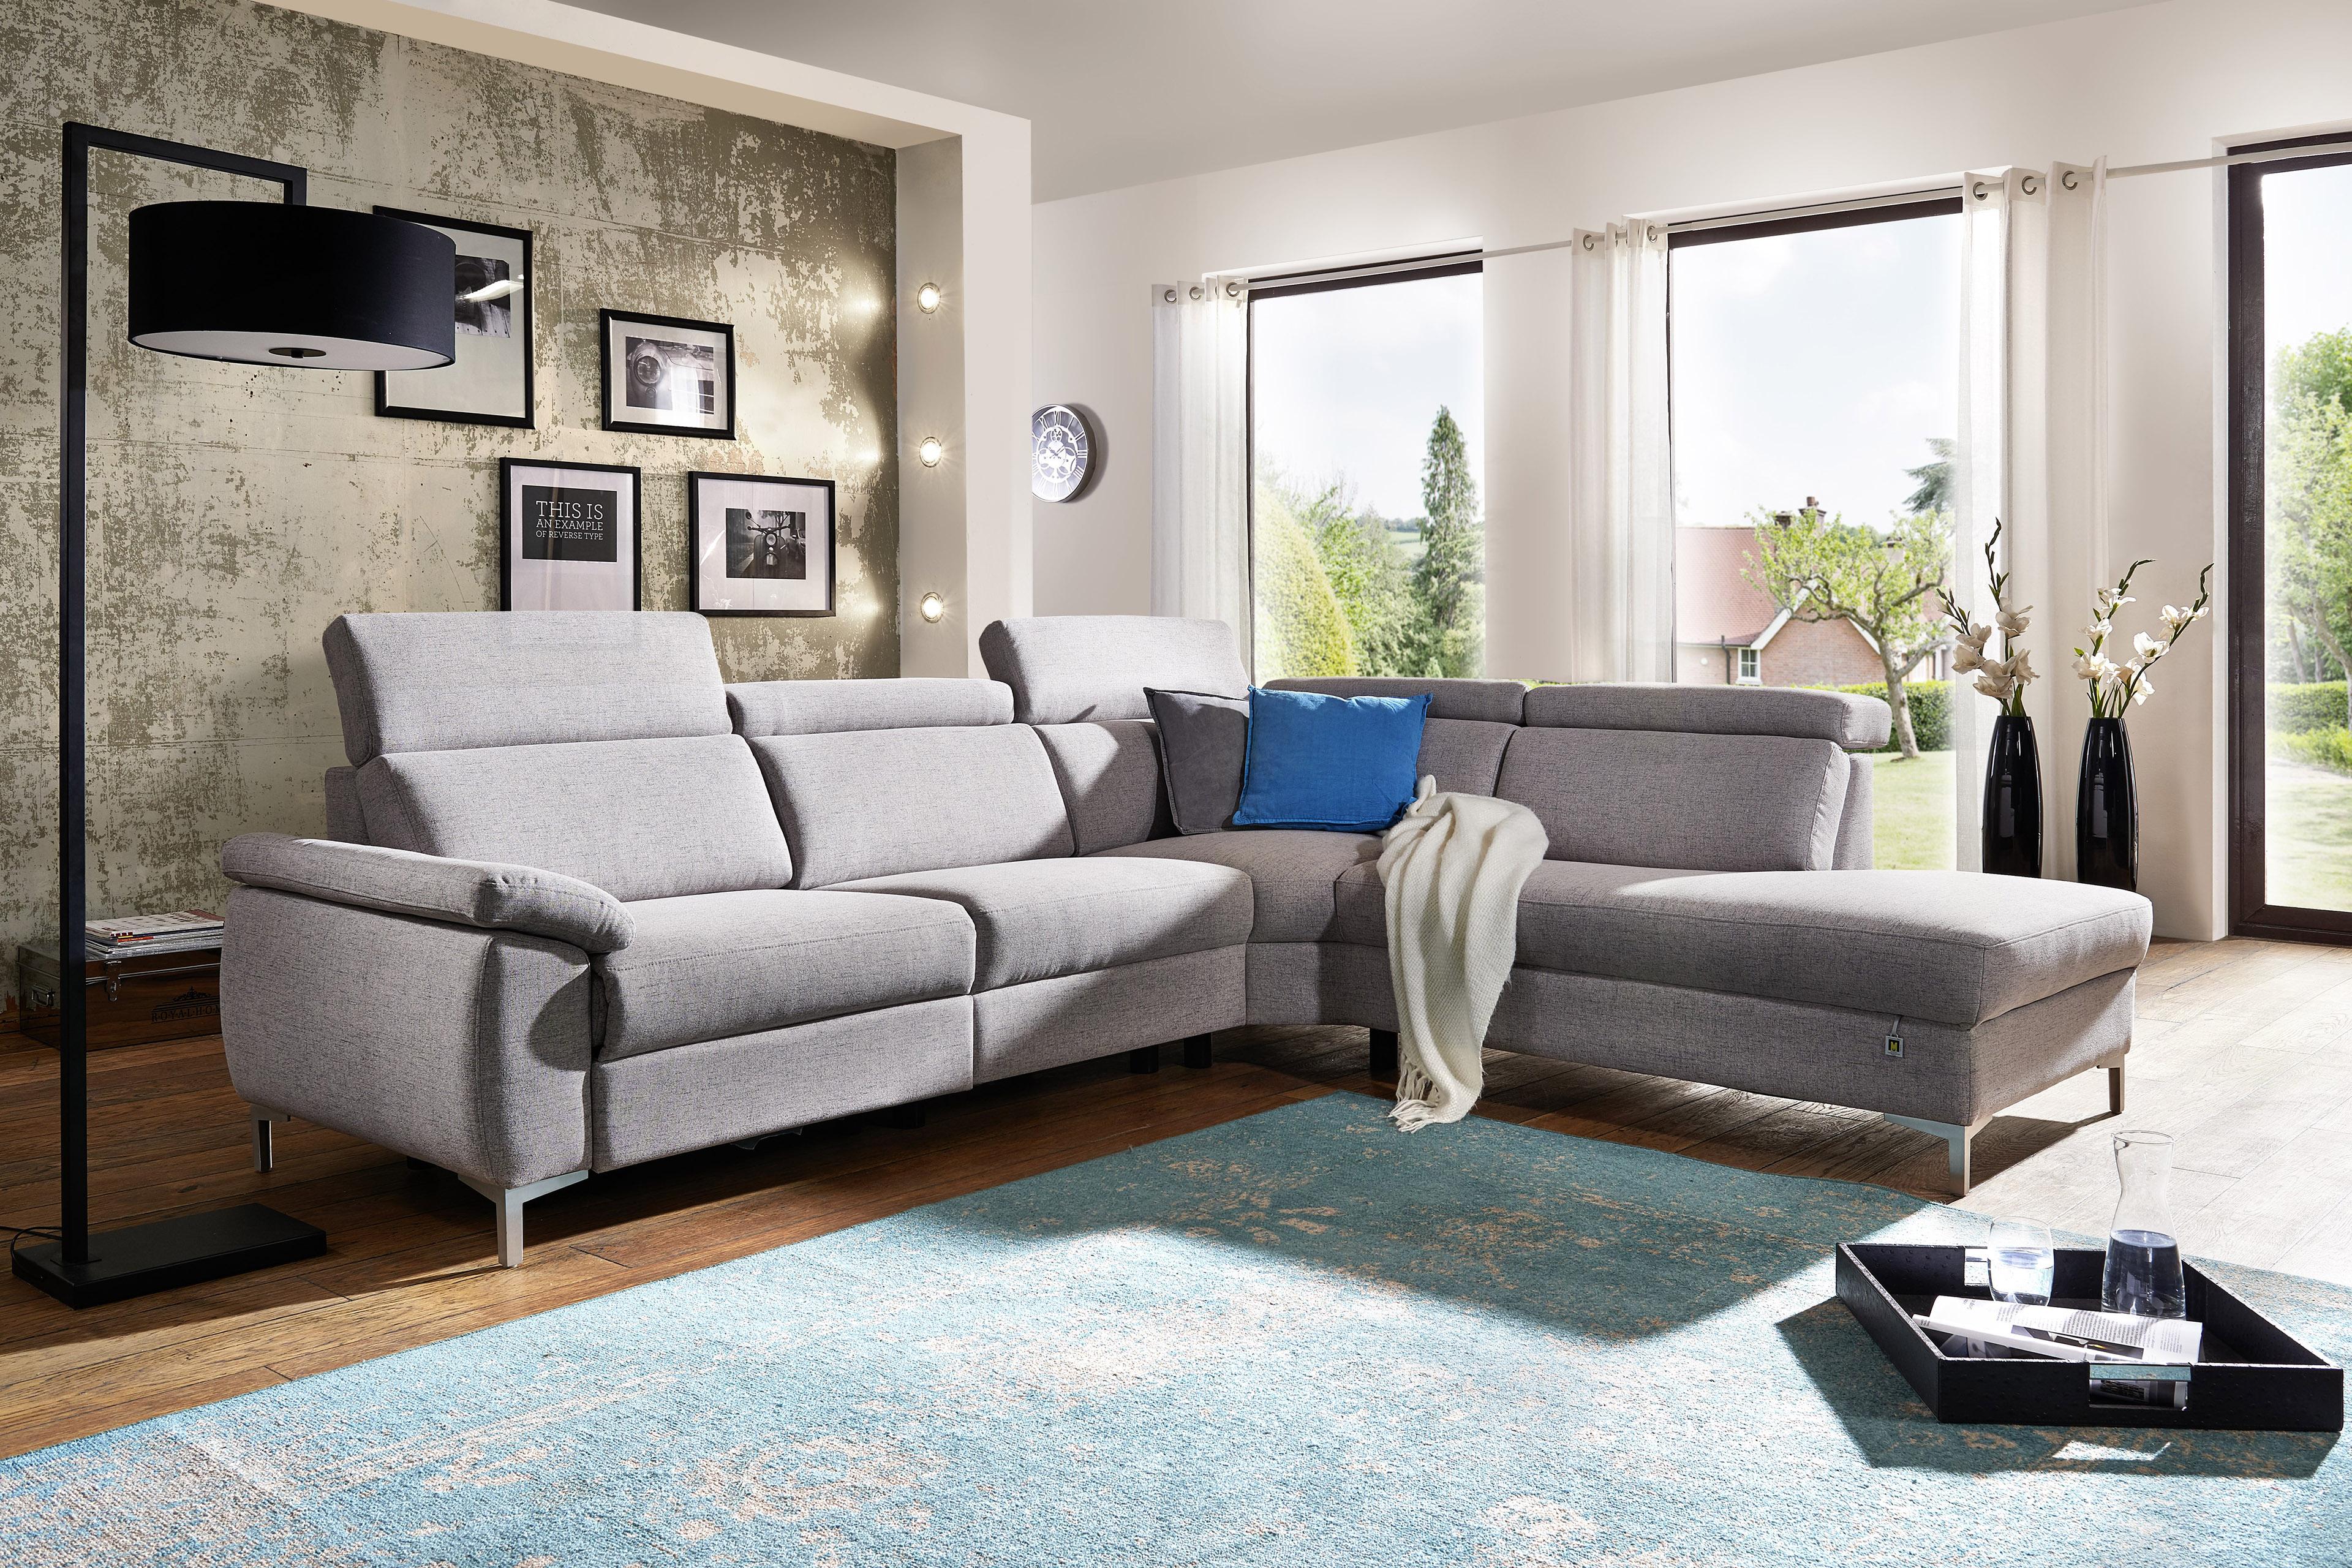 dietsch malta ecksofa hellgrau m bel letz ihr online shop. Black Bedroom Furniture Sets. Home Design Ideas